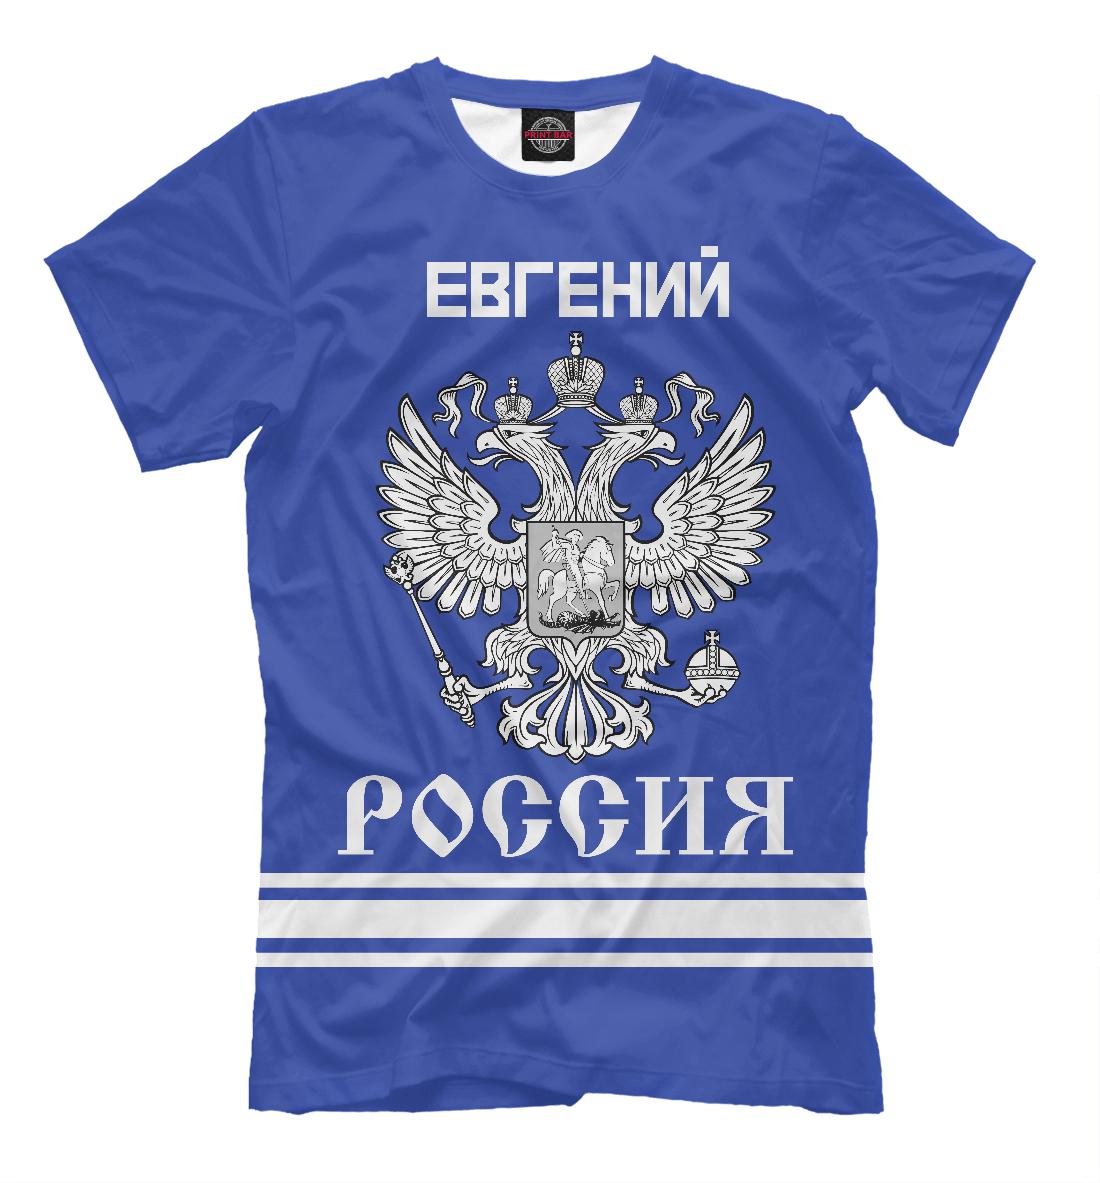 Купить ЕВГЕНИЙ sport russia collection, Printbar, Футболки, EVG-287467-fut-2